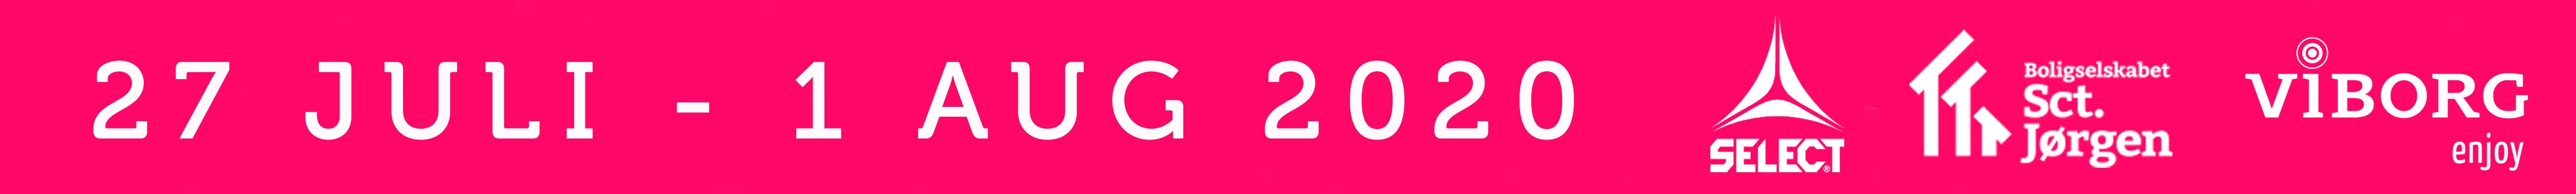 DATO DANSK 2020